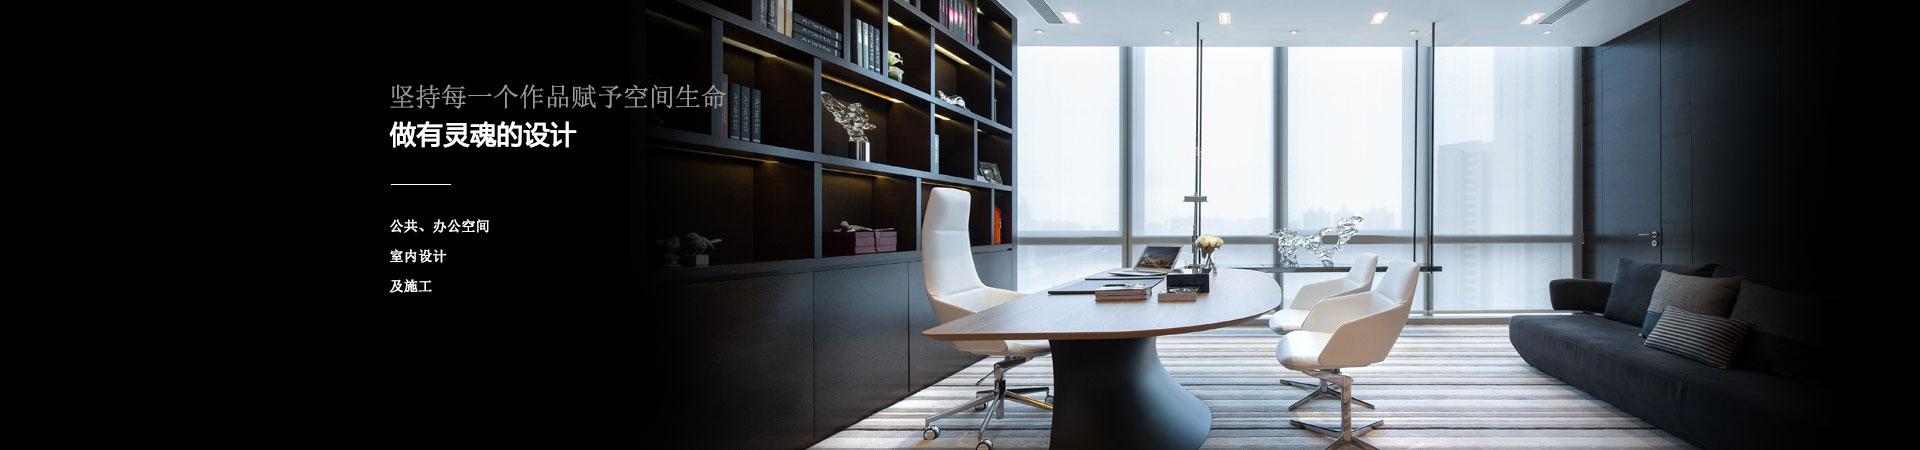 办公室装修|济南办公装修|办公室设计|写字楼设计装修|--山东千度建筑装饰工程有限企业